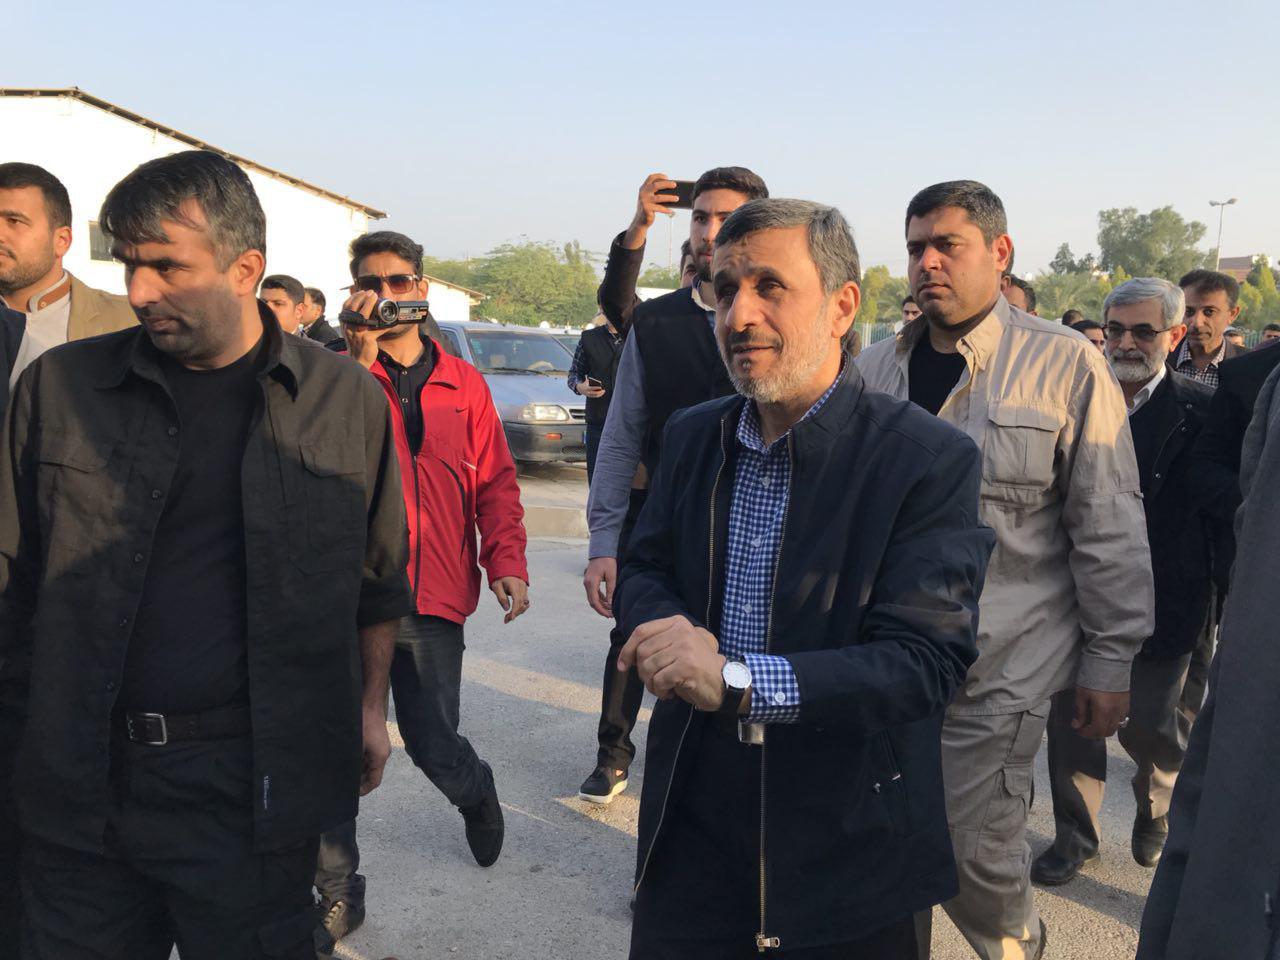 اولین واکنش احمدی نژاد به سخنان رهبر جمهوری اسلامی